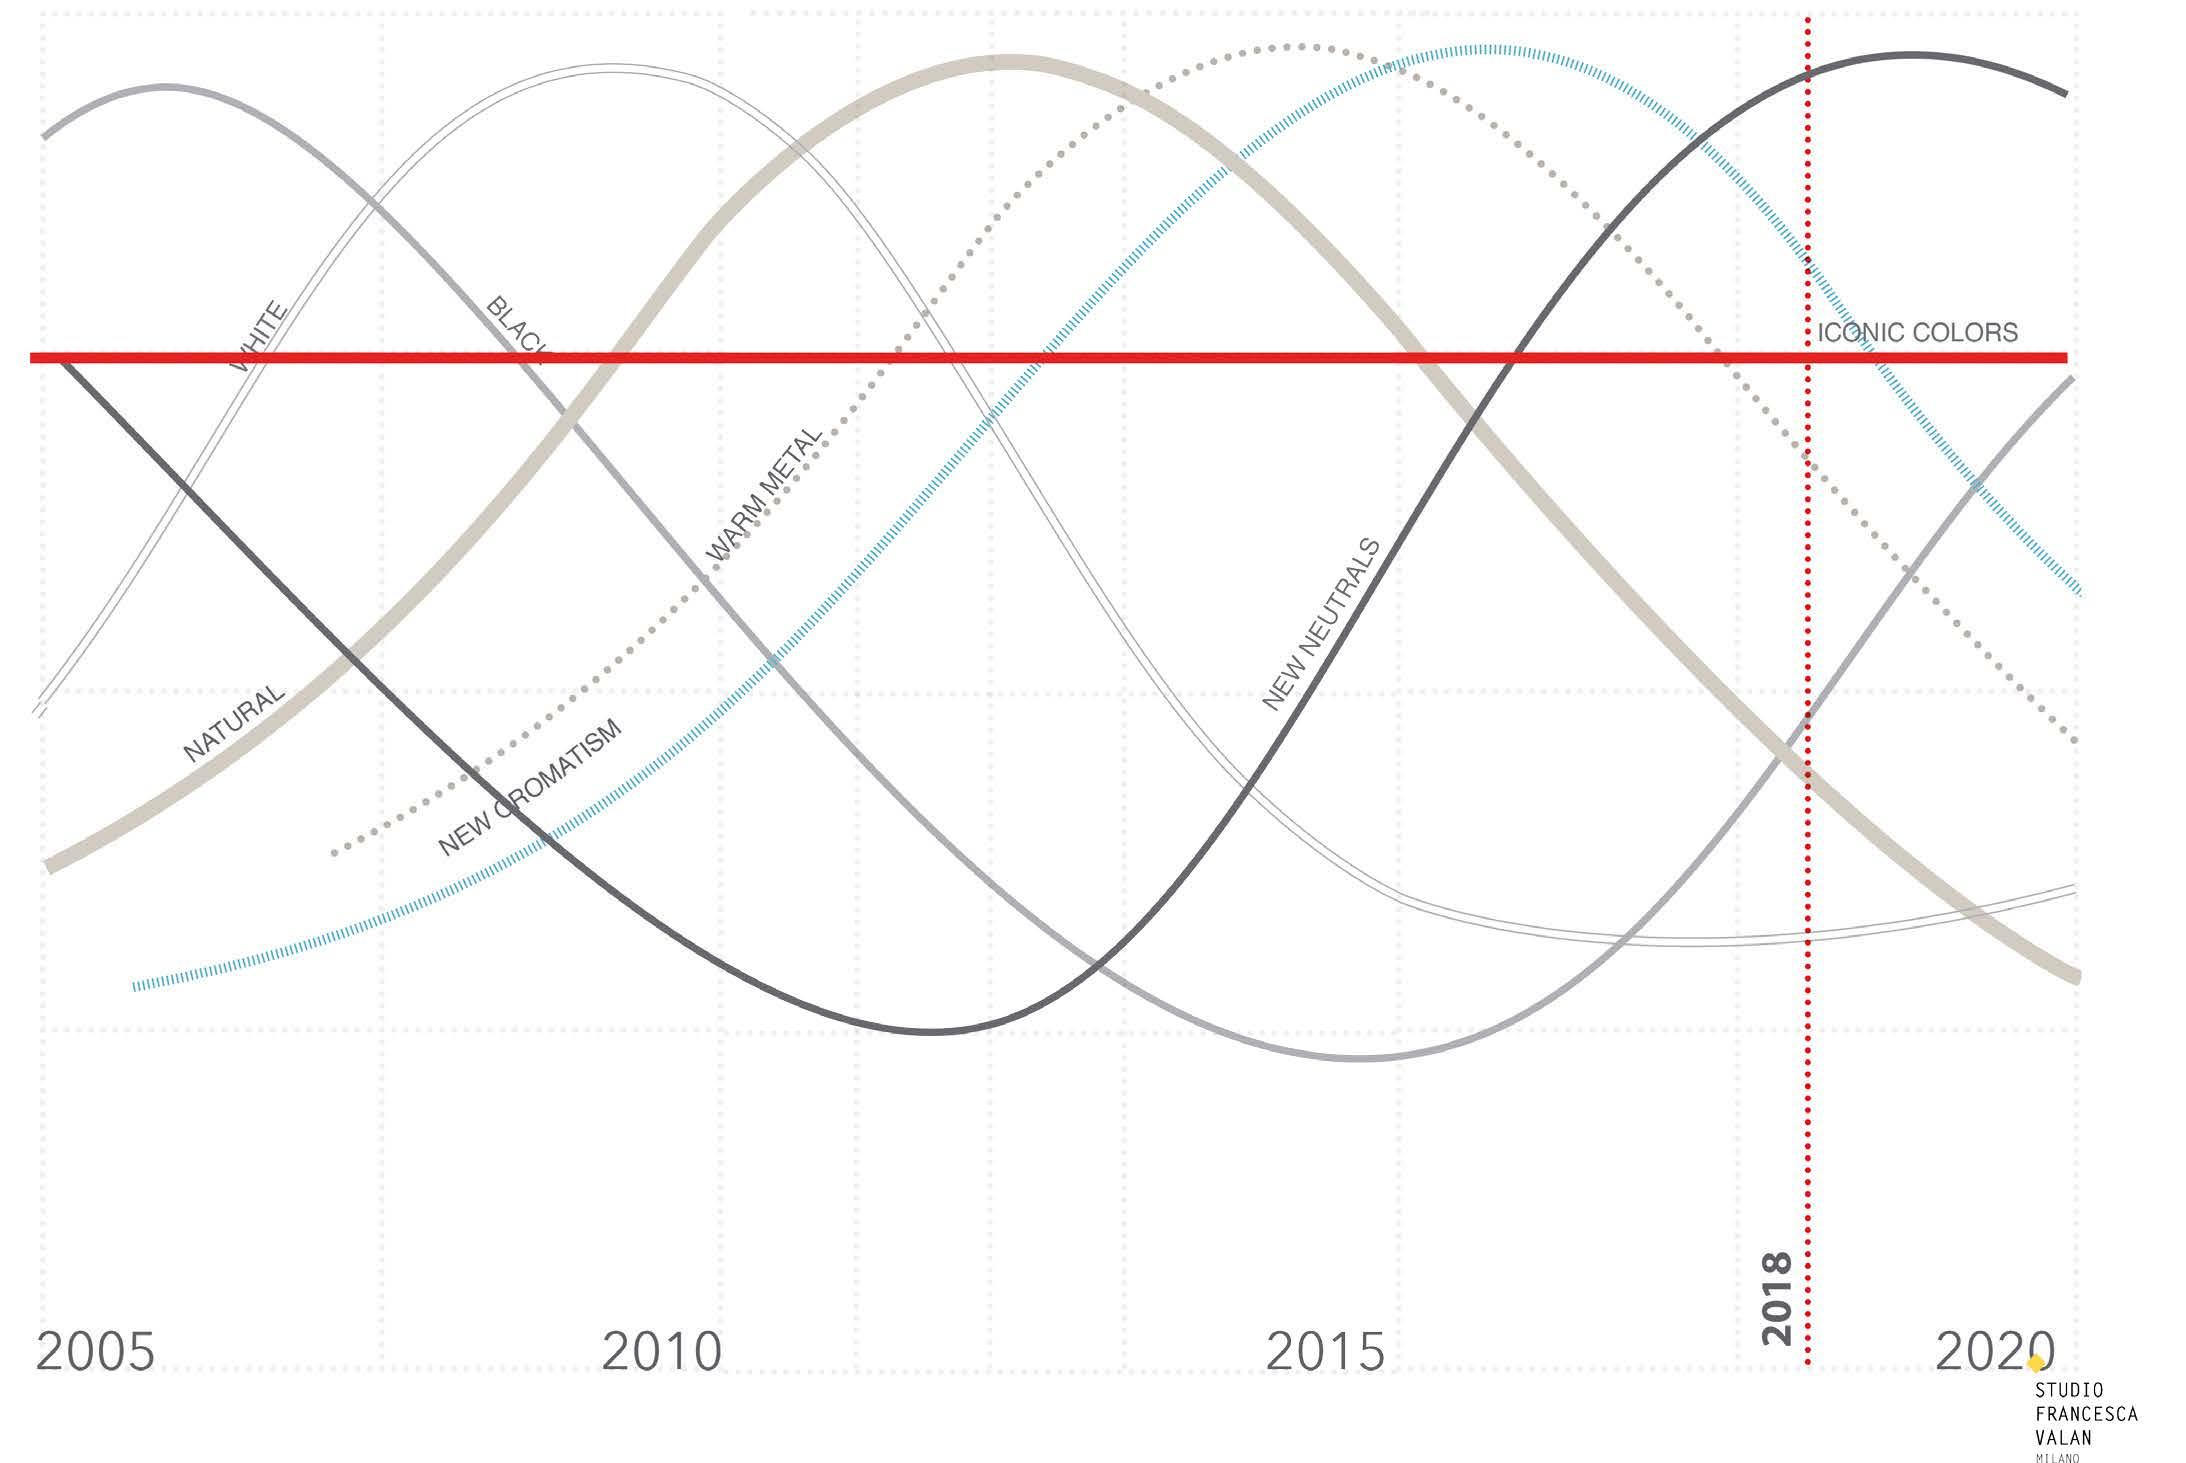 Sostenibilità cromatica: la durata visiva degli oggetti